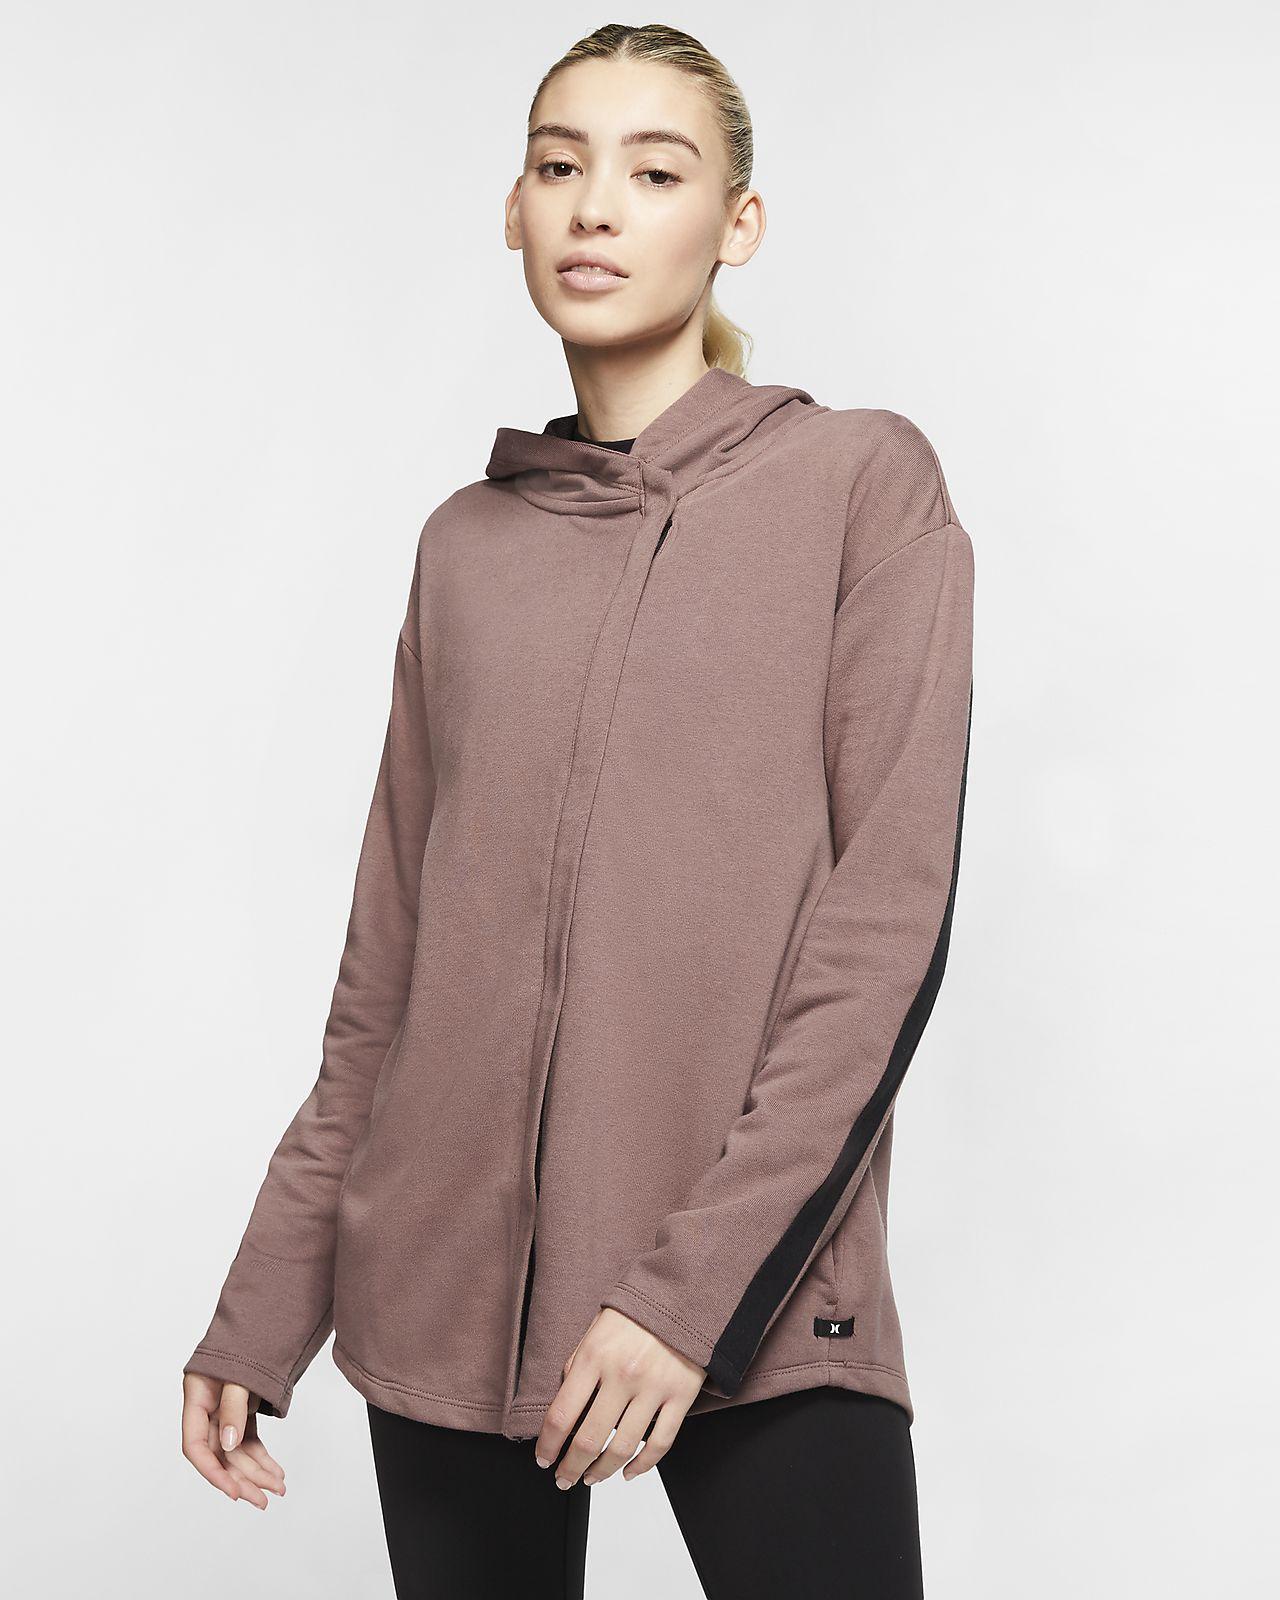 Hurley Dri-FIT Wash Women's Full-Zip Fleece Top